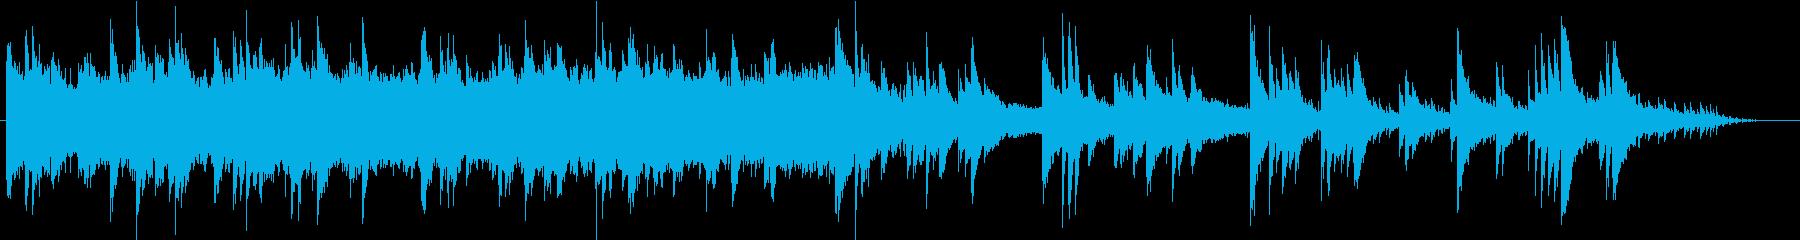 癒し効果抜群のヒーリング的ピアノ曲の再生済みの波形